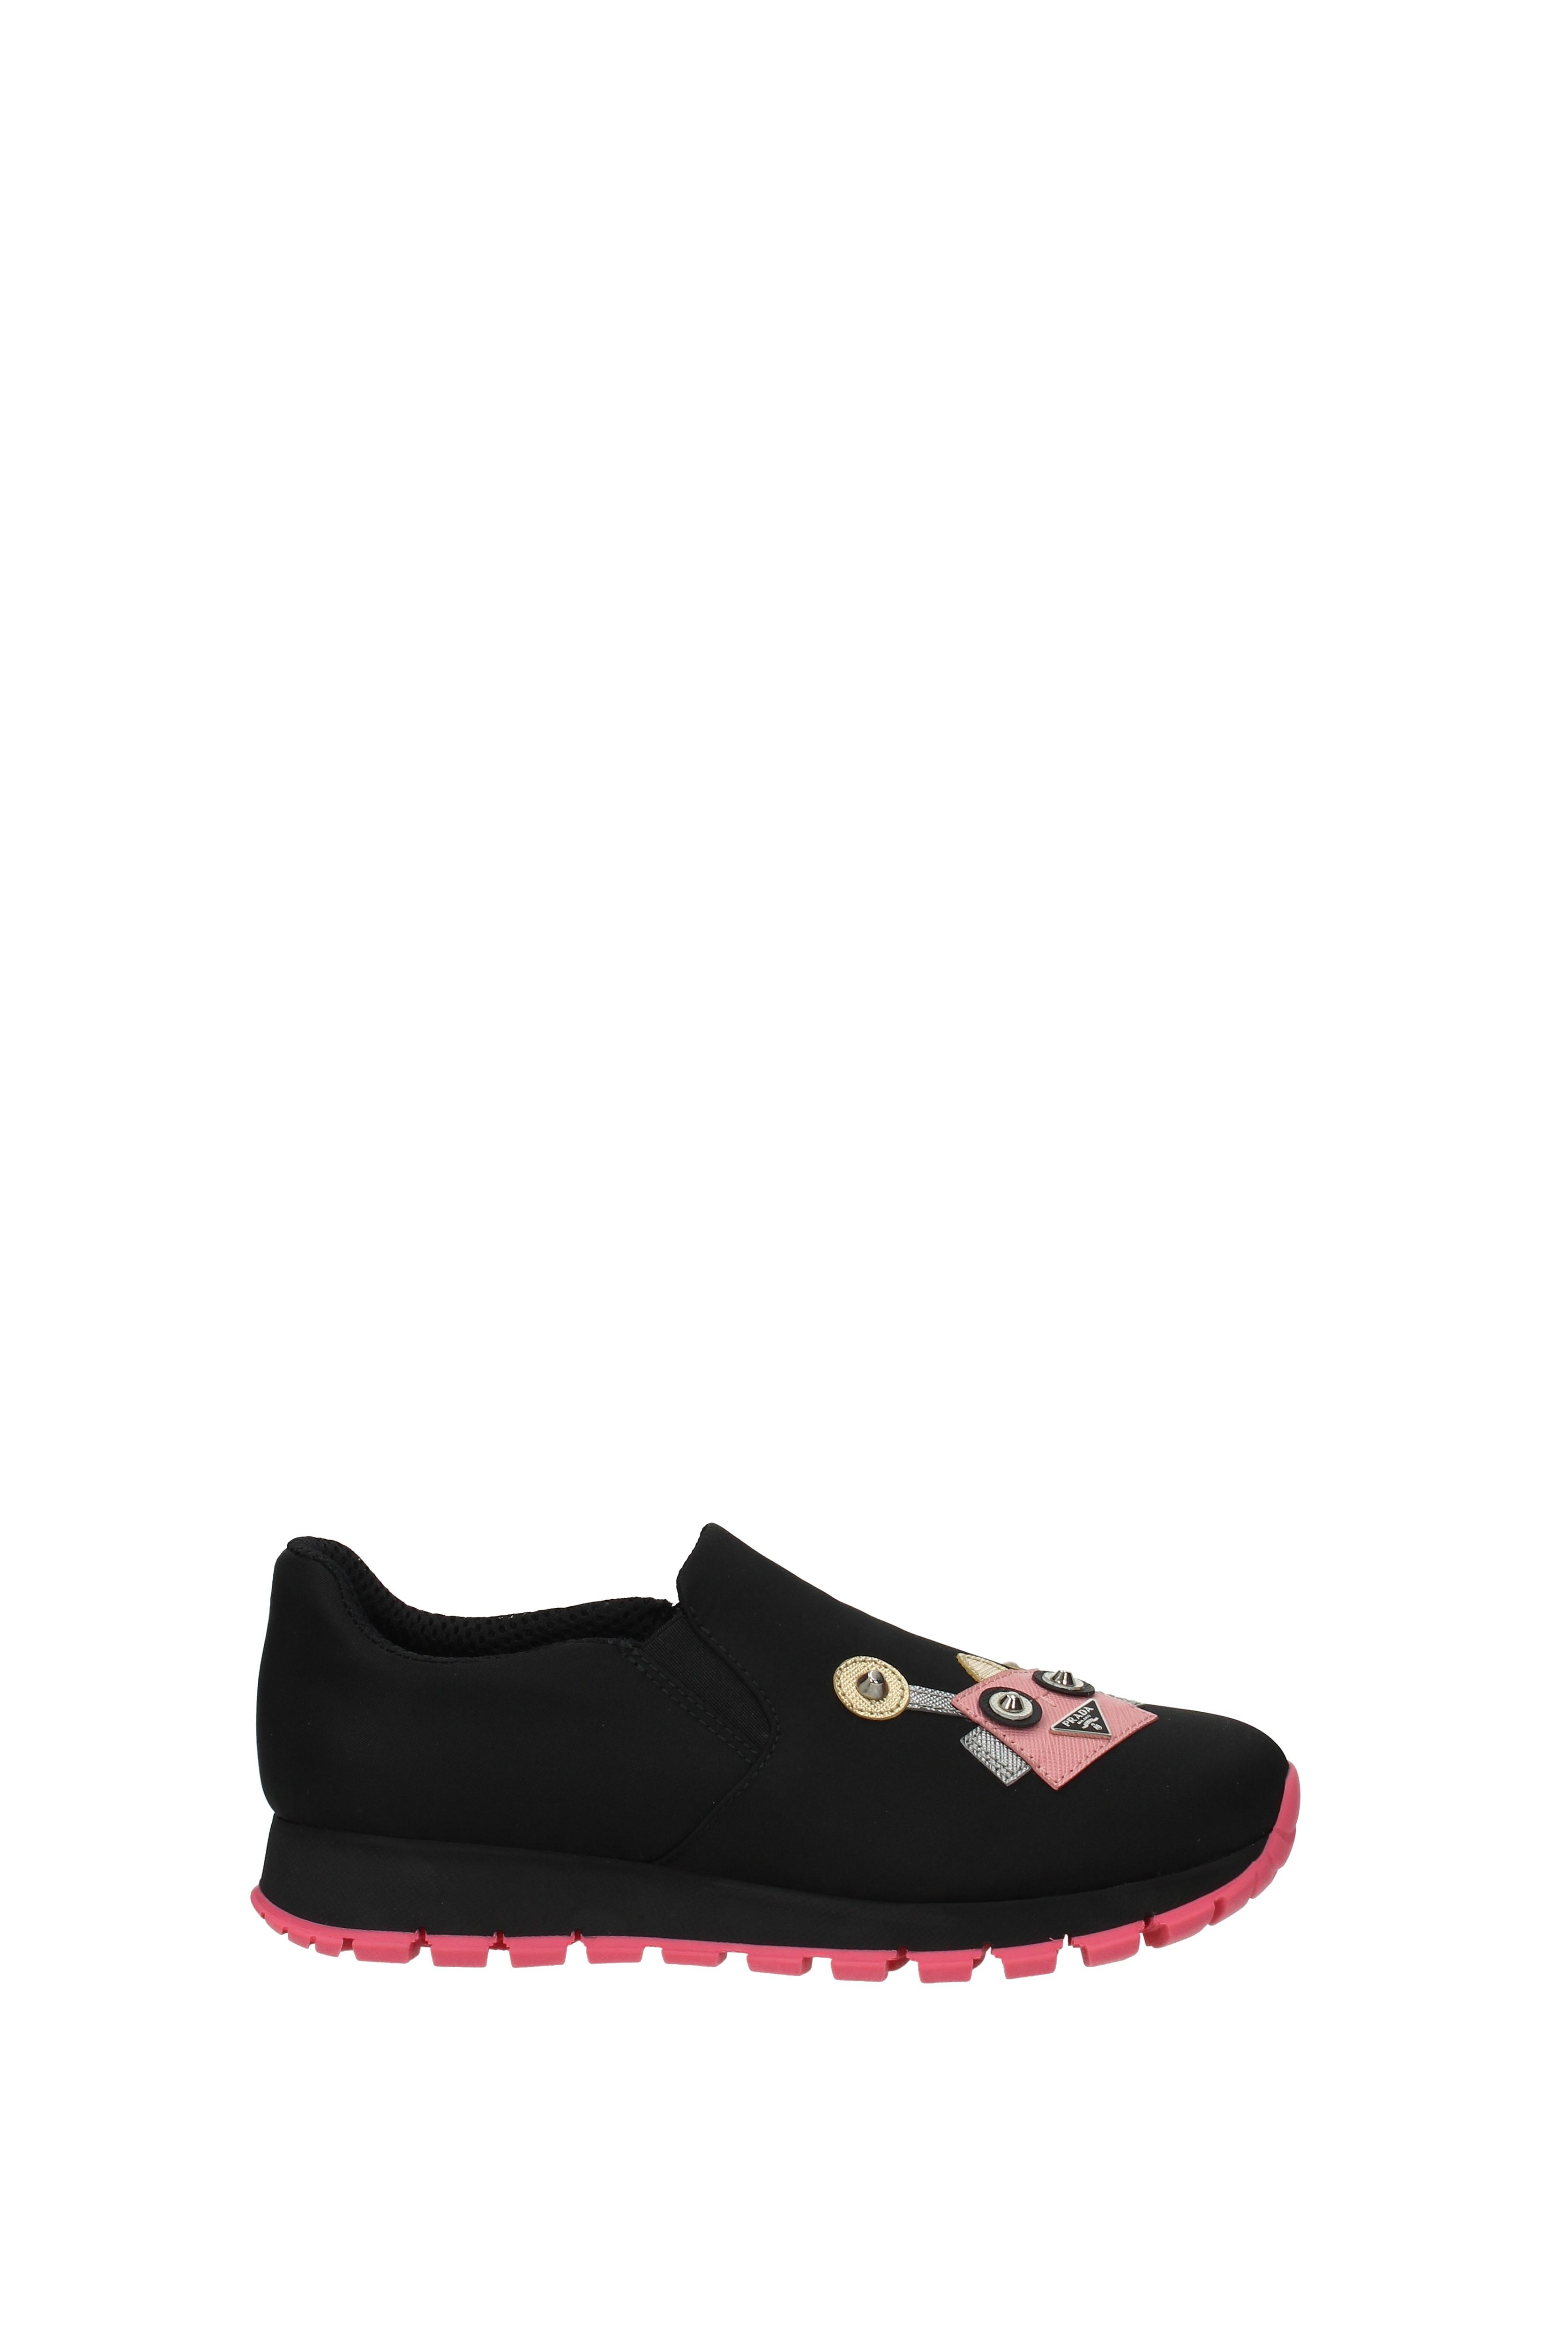 Sneakers Prada Damen - Stoff (1S532H) (1S532H) (1S532H) d9b02c